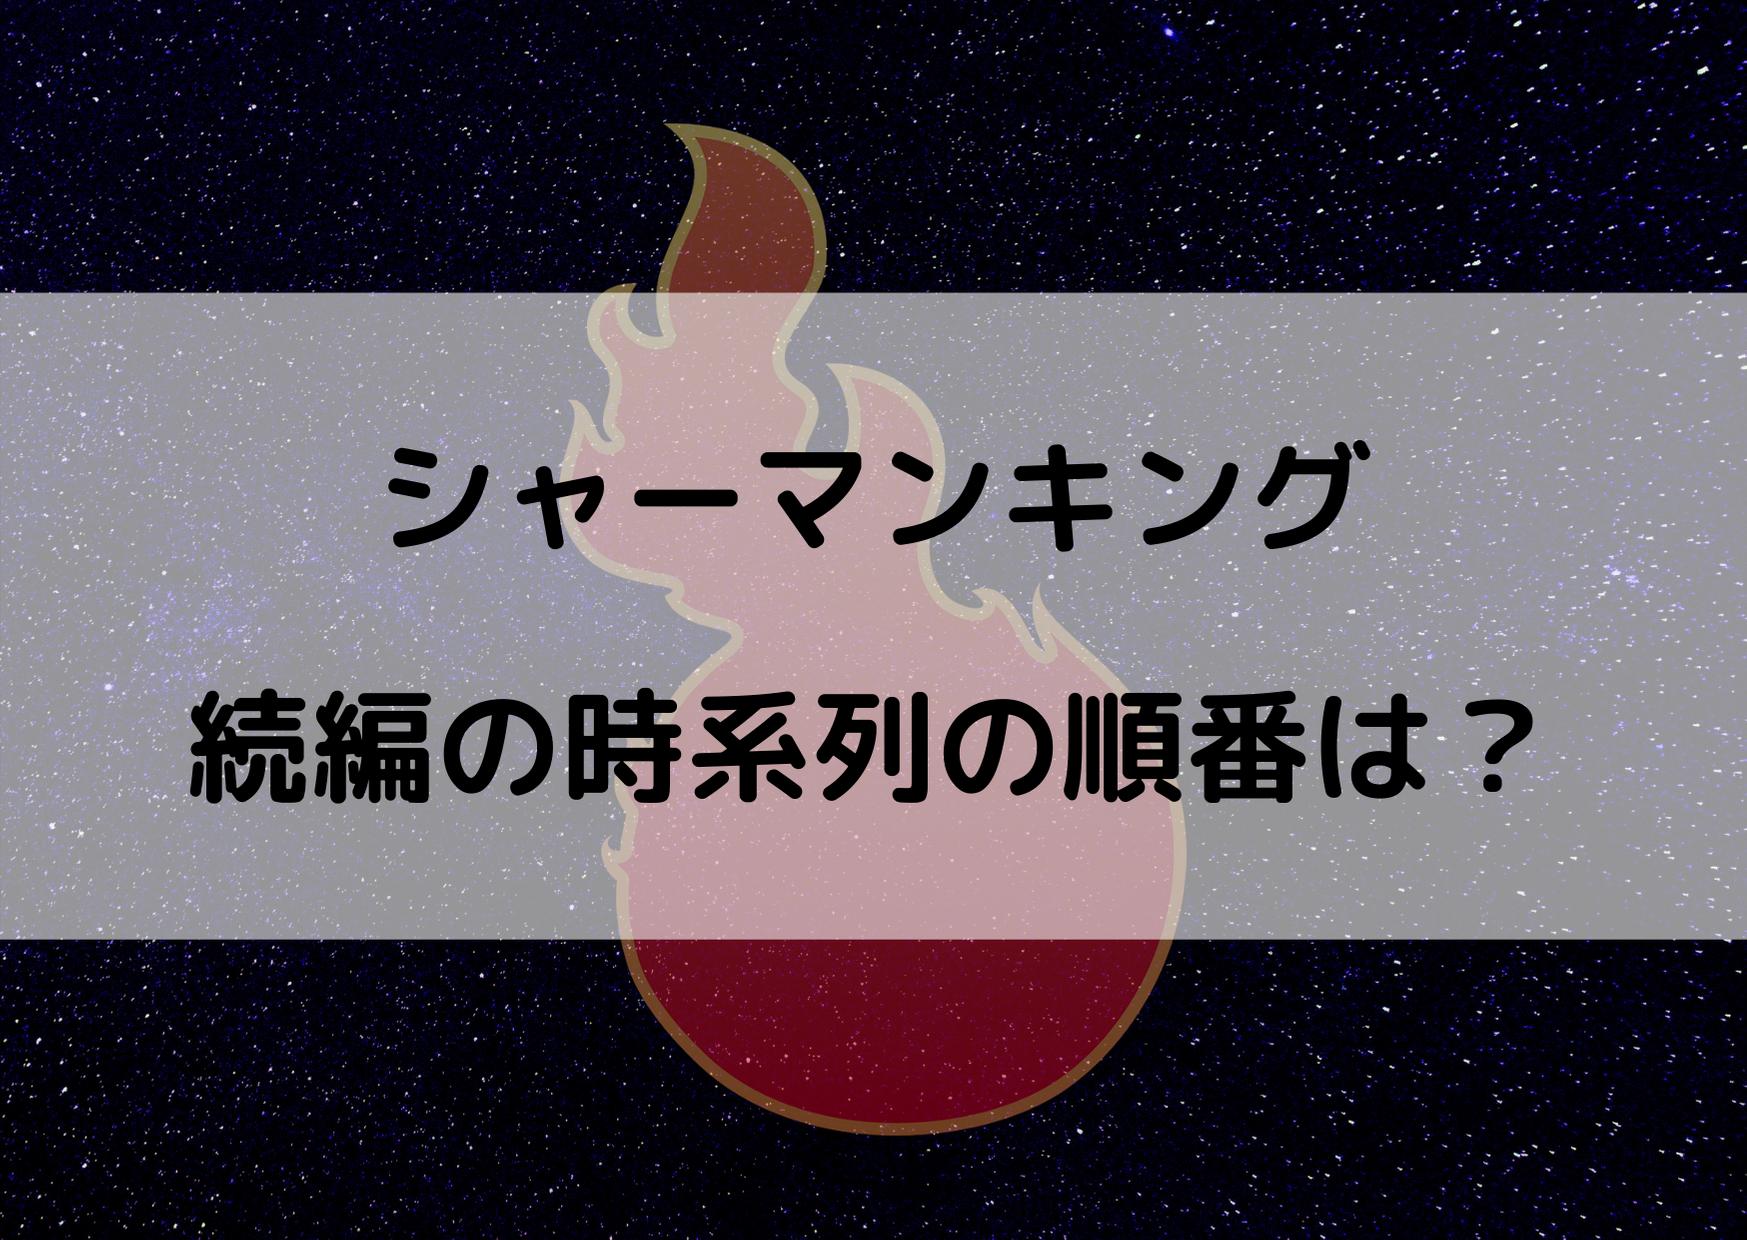 シャーマンキング 続編 時系列